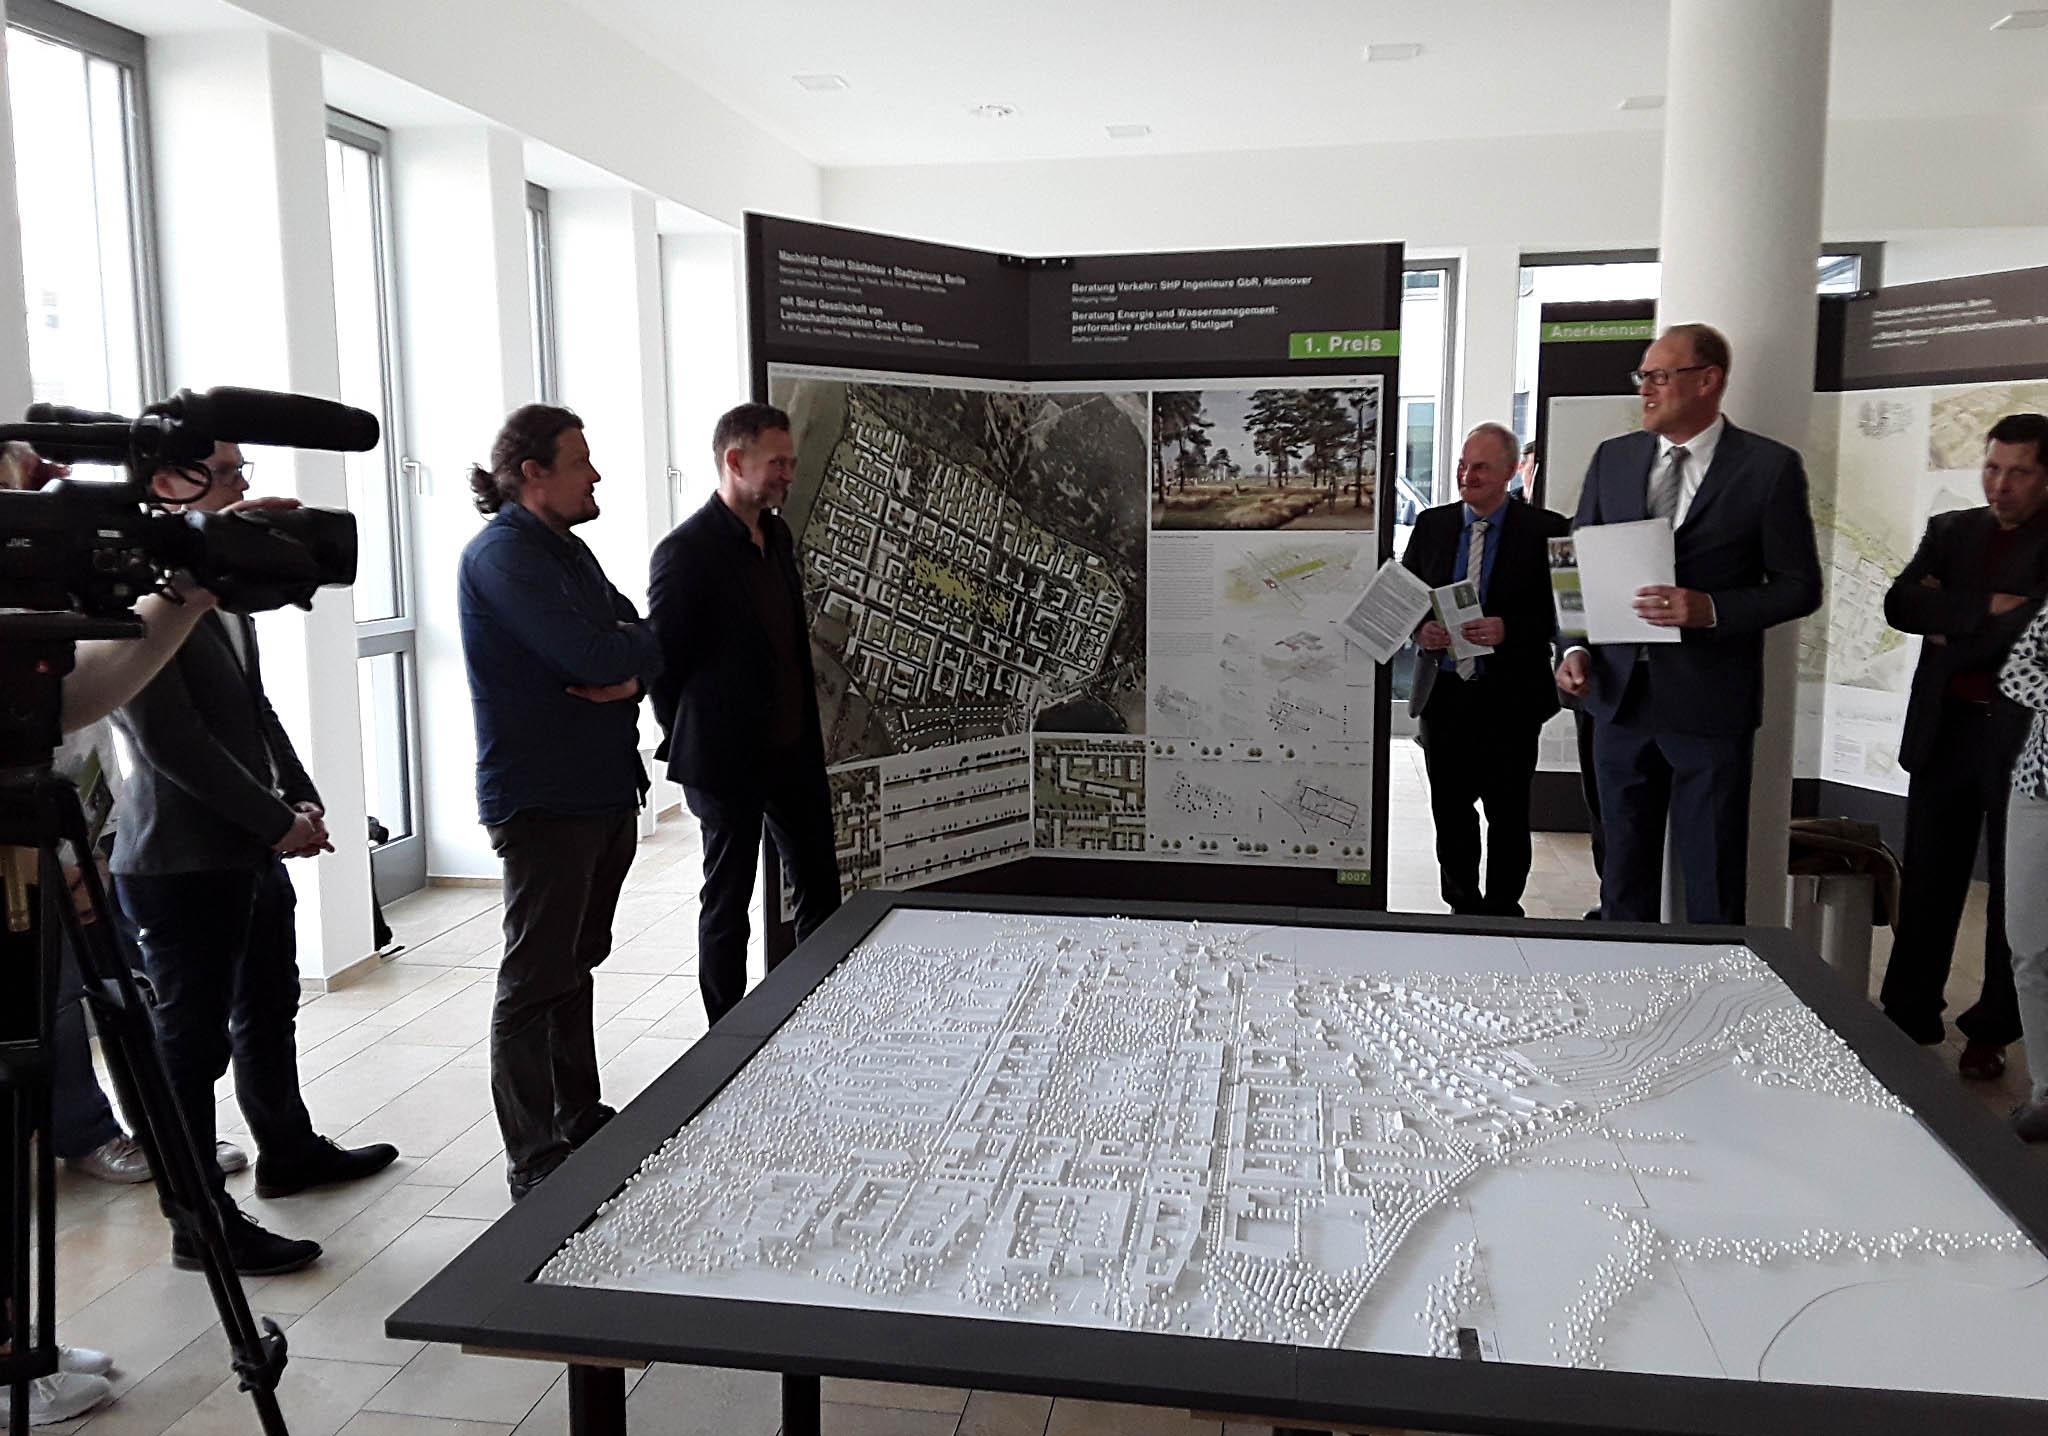 Ausstellungseröffnung 10. April 2018 mit Vertretern des Auslobers und der Stadt